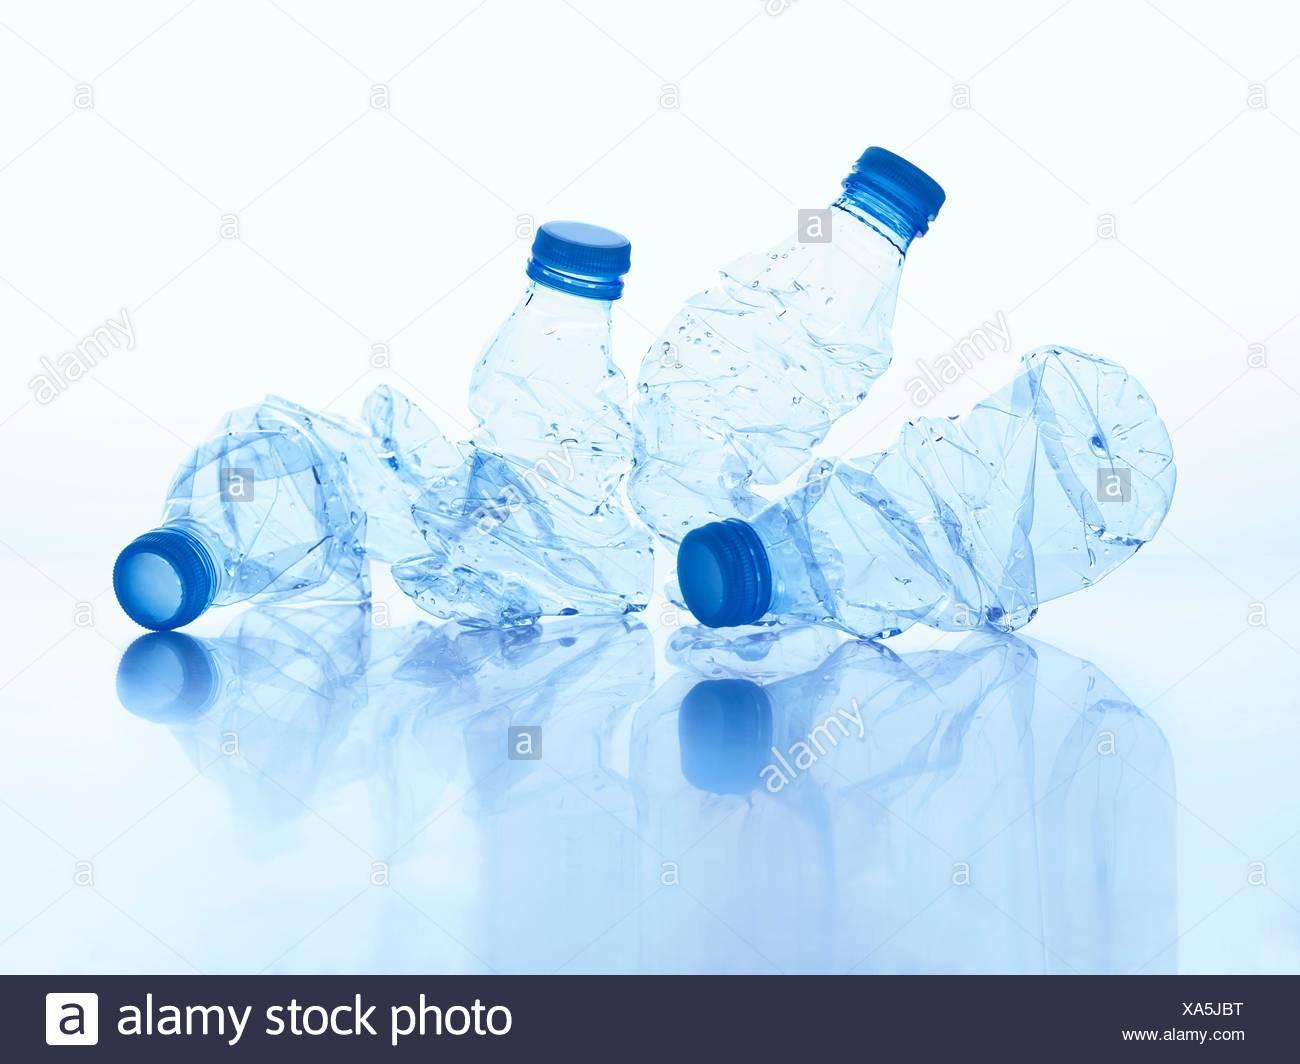 Schiacciate le bottiglie di plastica, studio shot. Immagini Stock